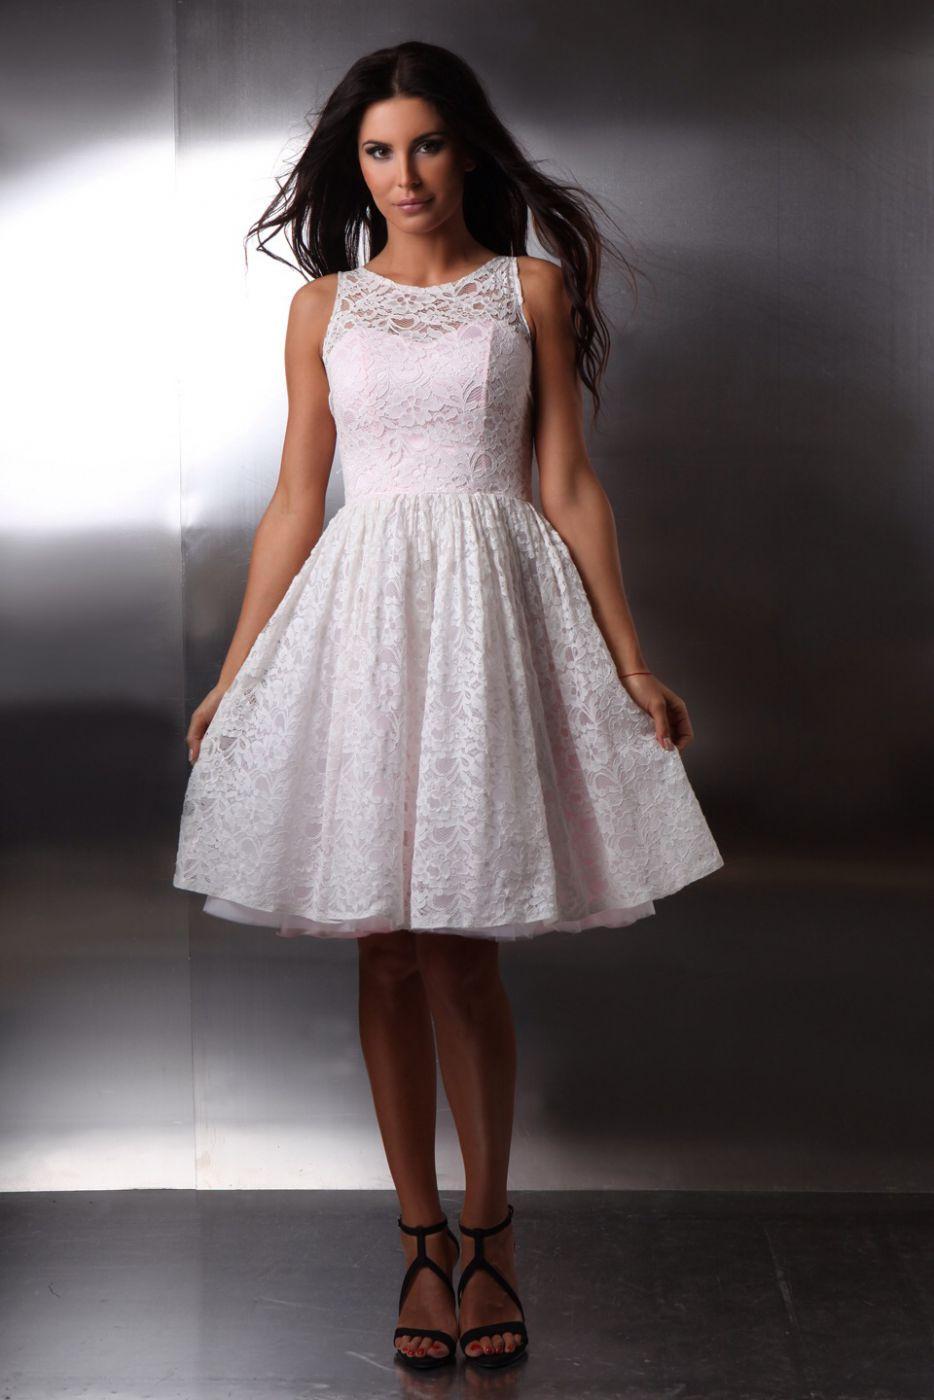 Günstiges kurzes Brautkleid aus Spitze - Kleiderfreuden